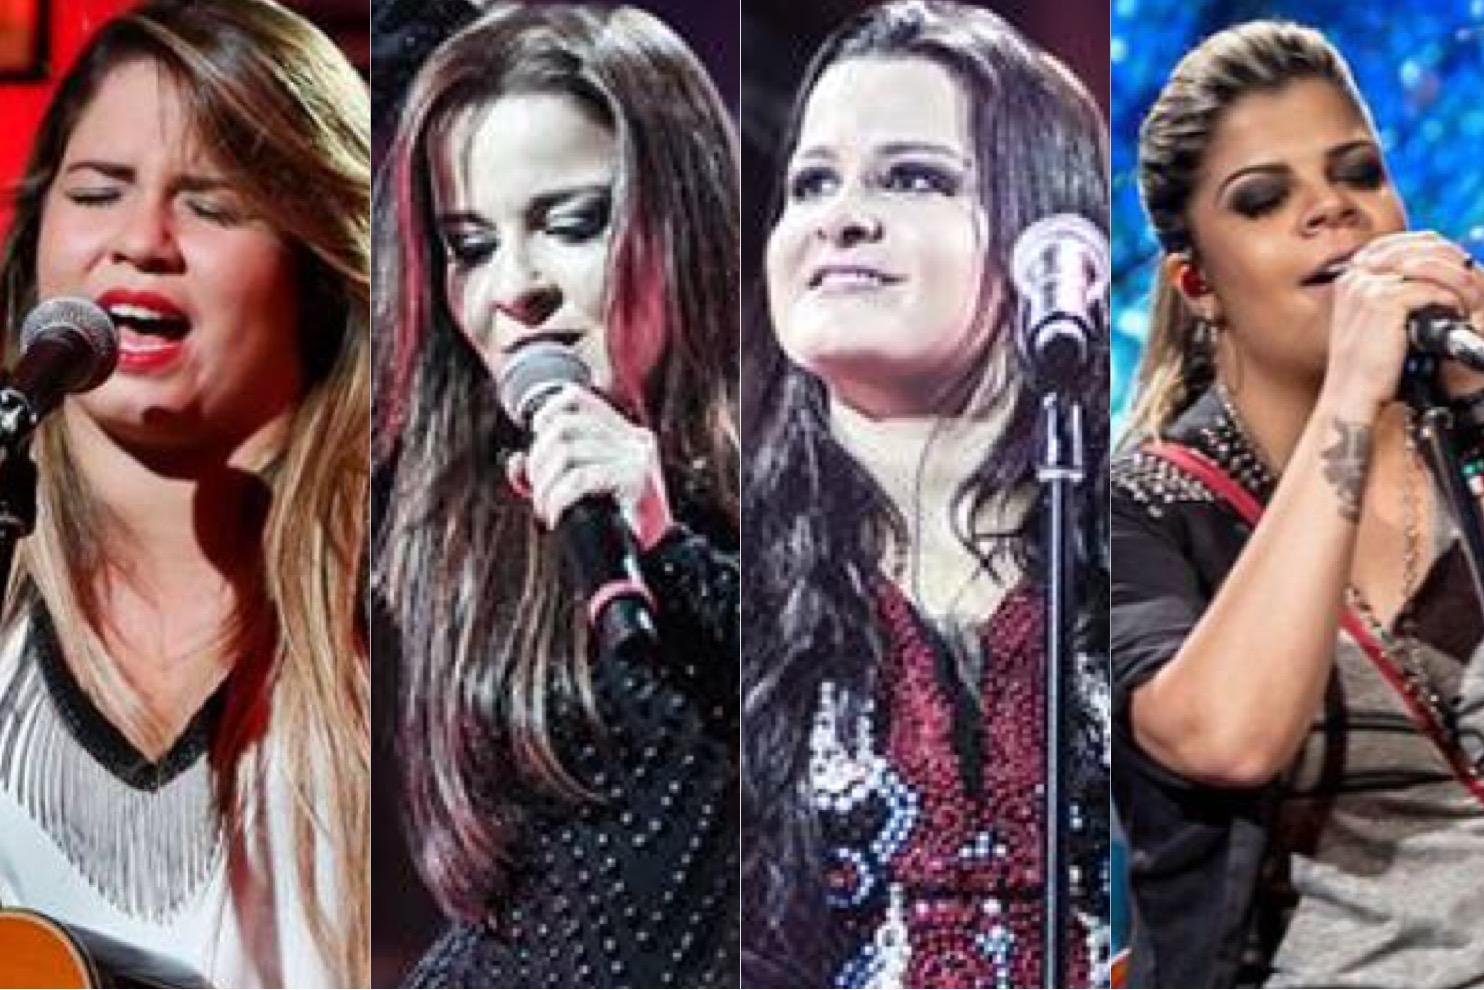 Mulheres na música sertaneja: estamos enfim diante de uma mudança de paradigma?